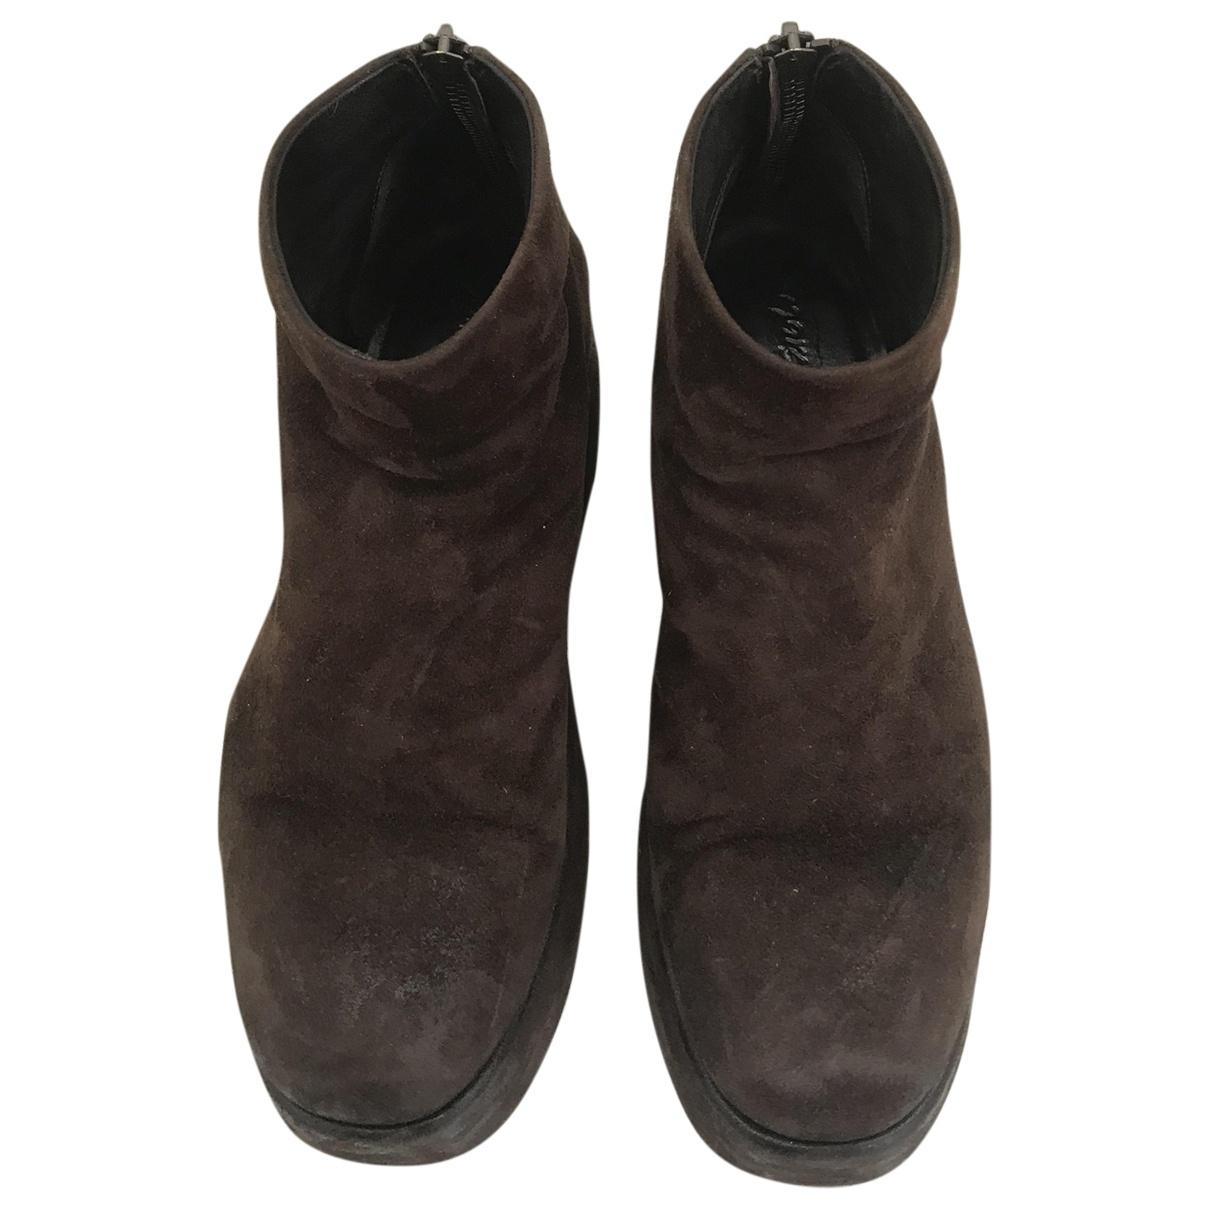 Marsell - Boots   pour femme en cuir - marron